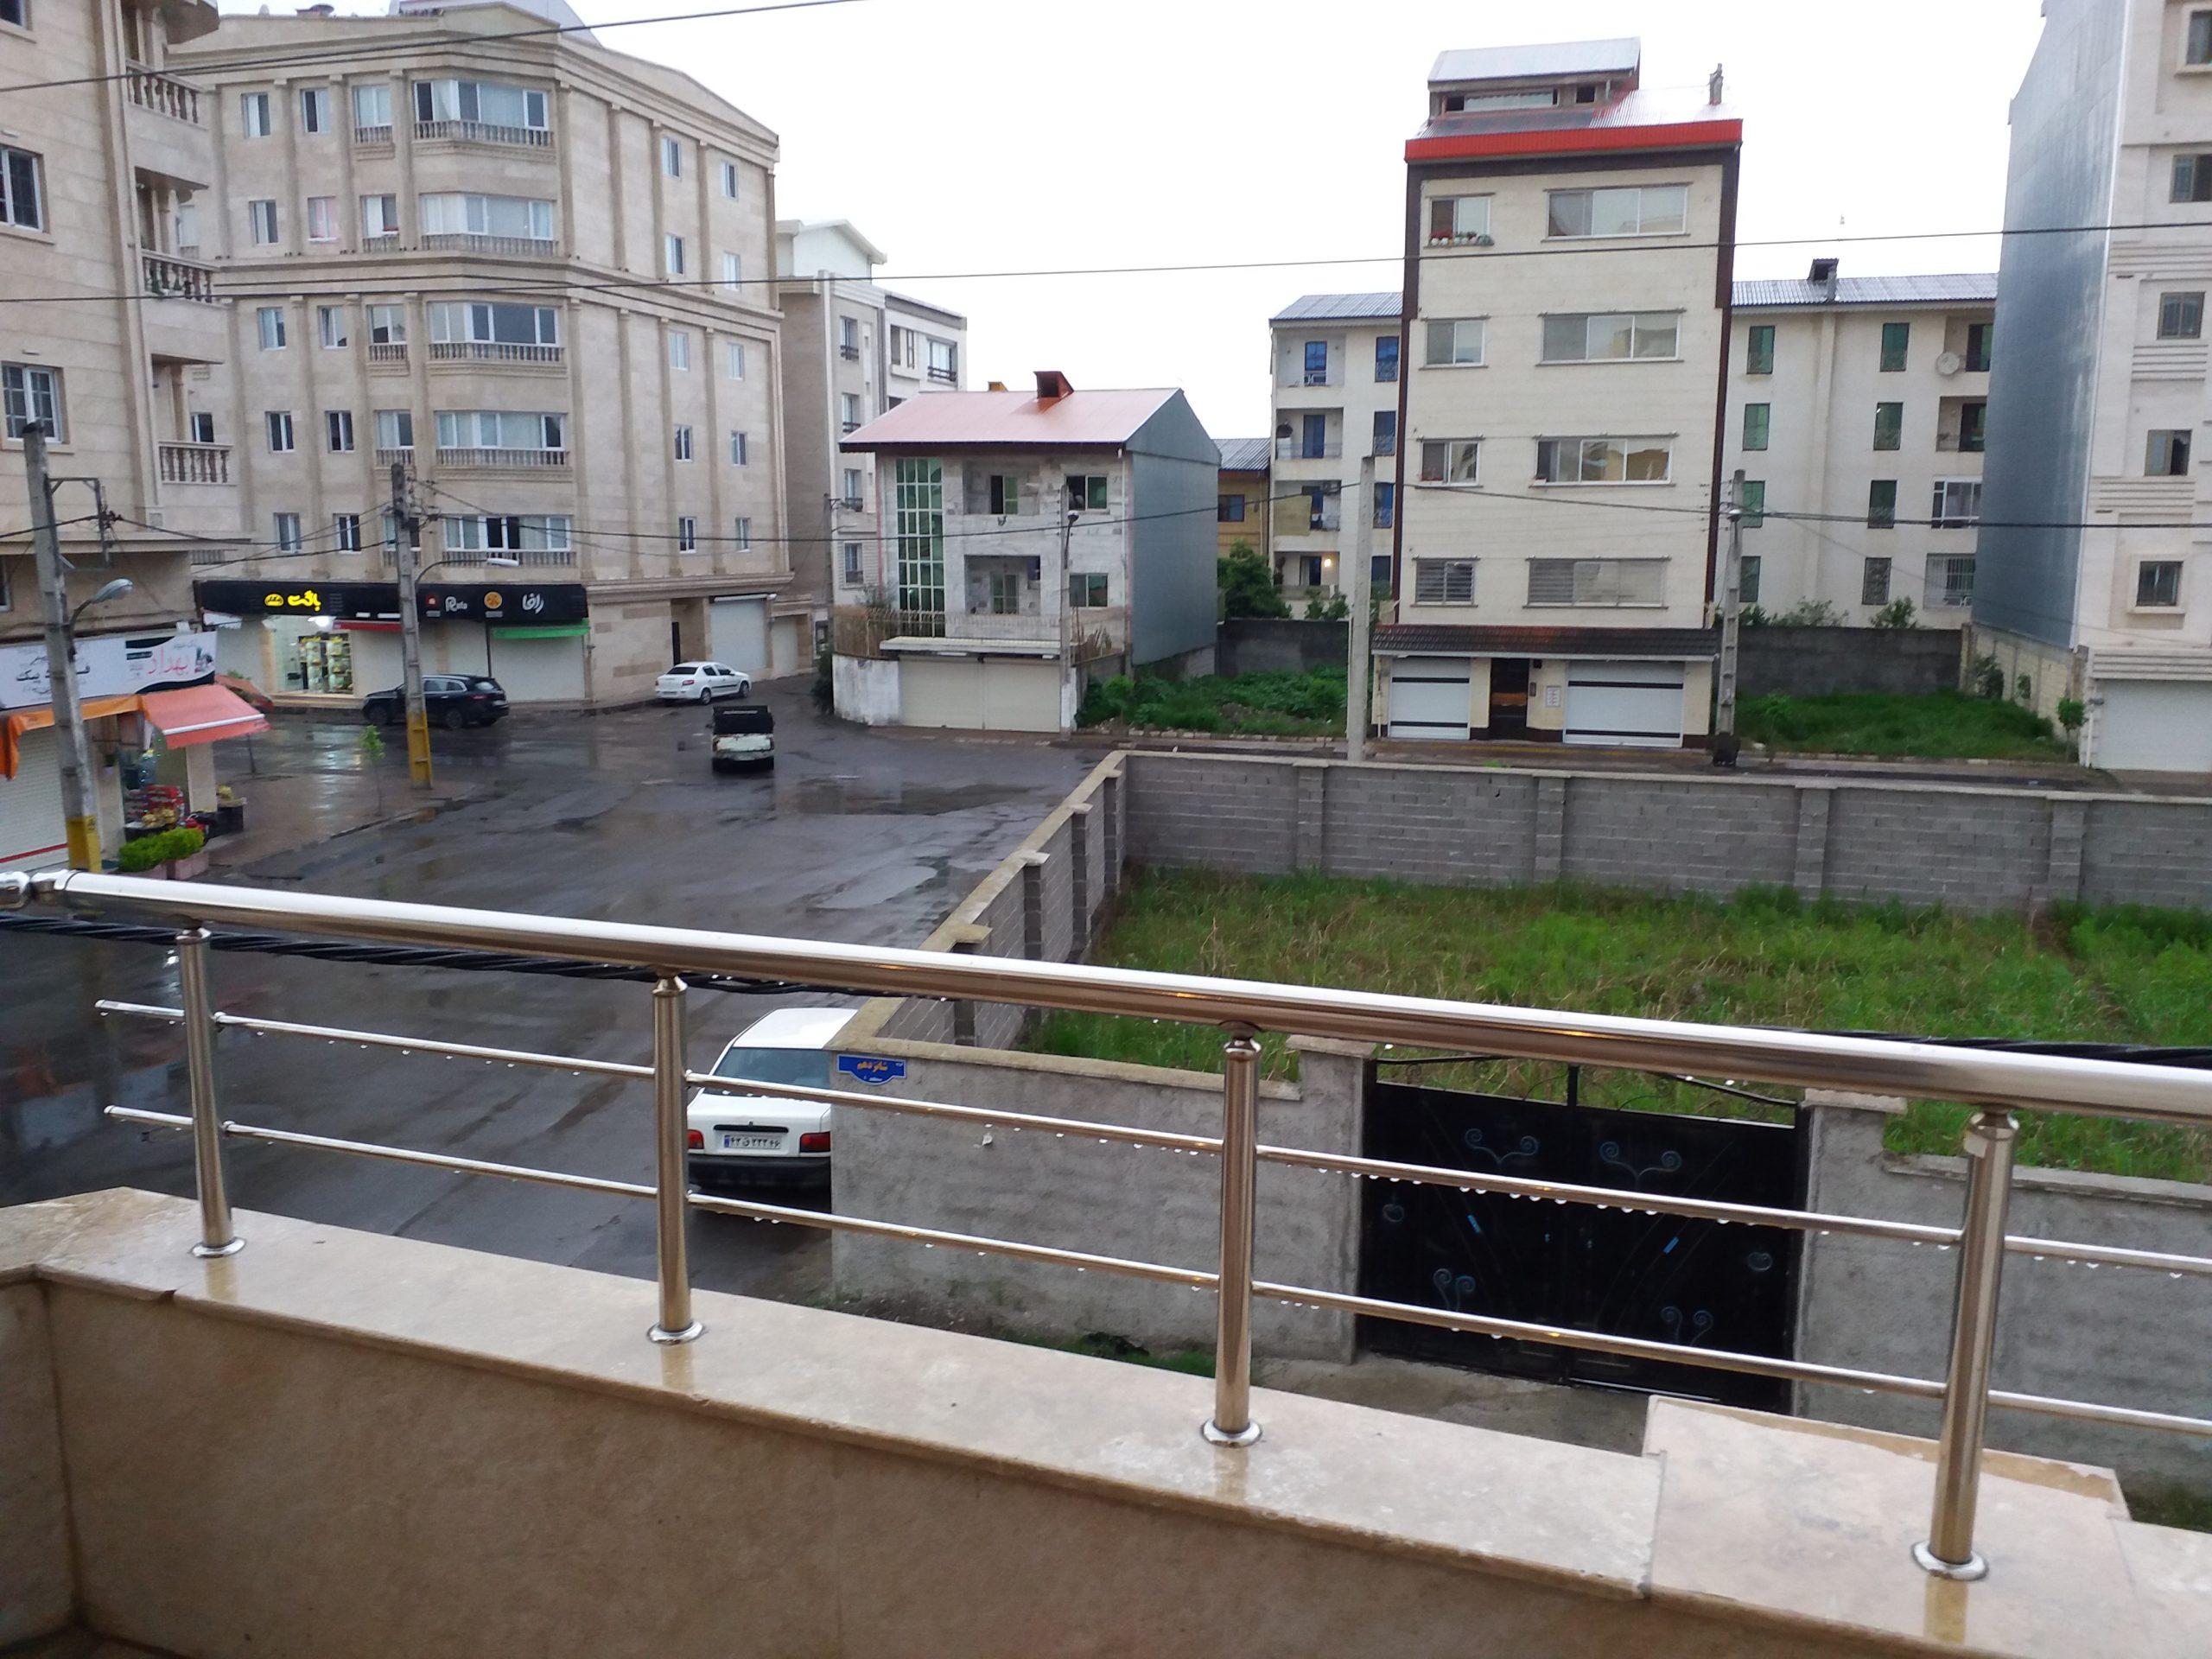 فروش آپارتمان 200 متری نوساز تک واحدی رشت گلسار بلوار گیلان